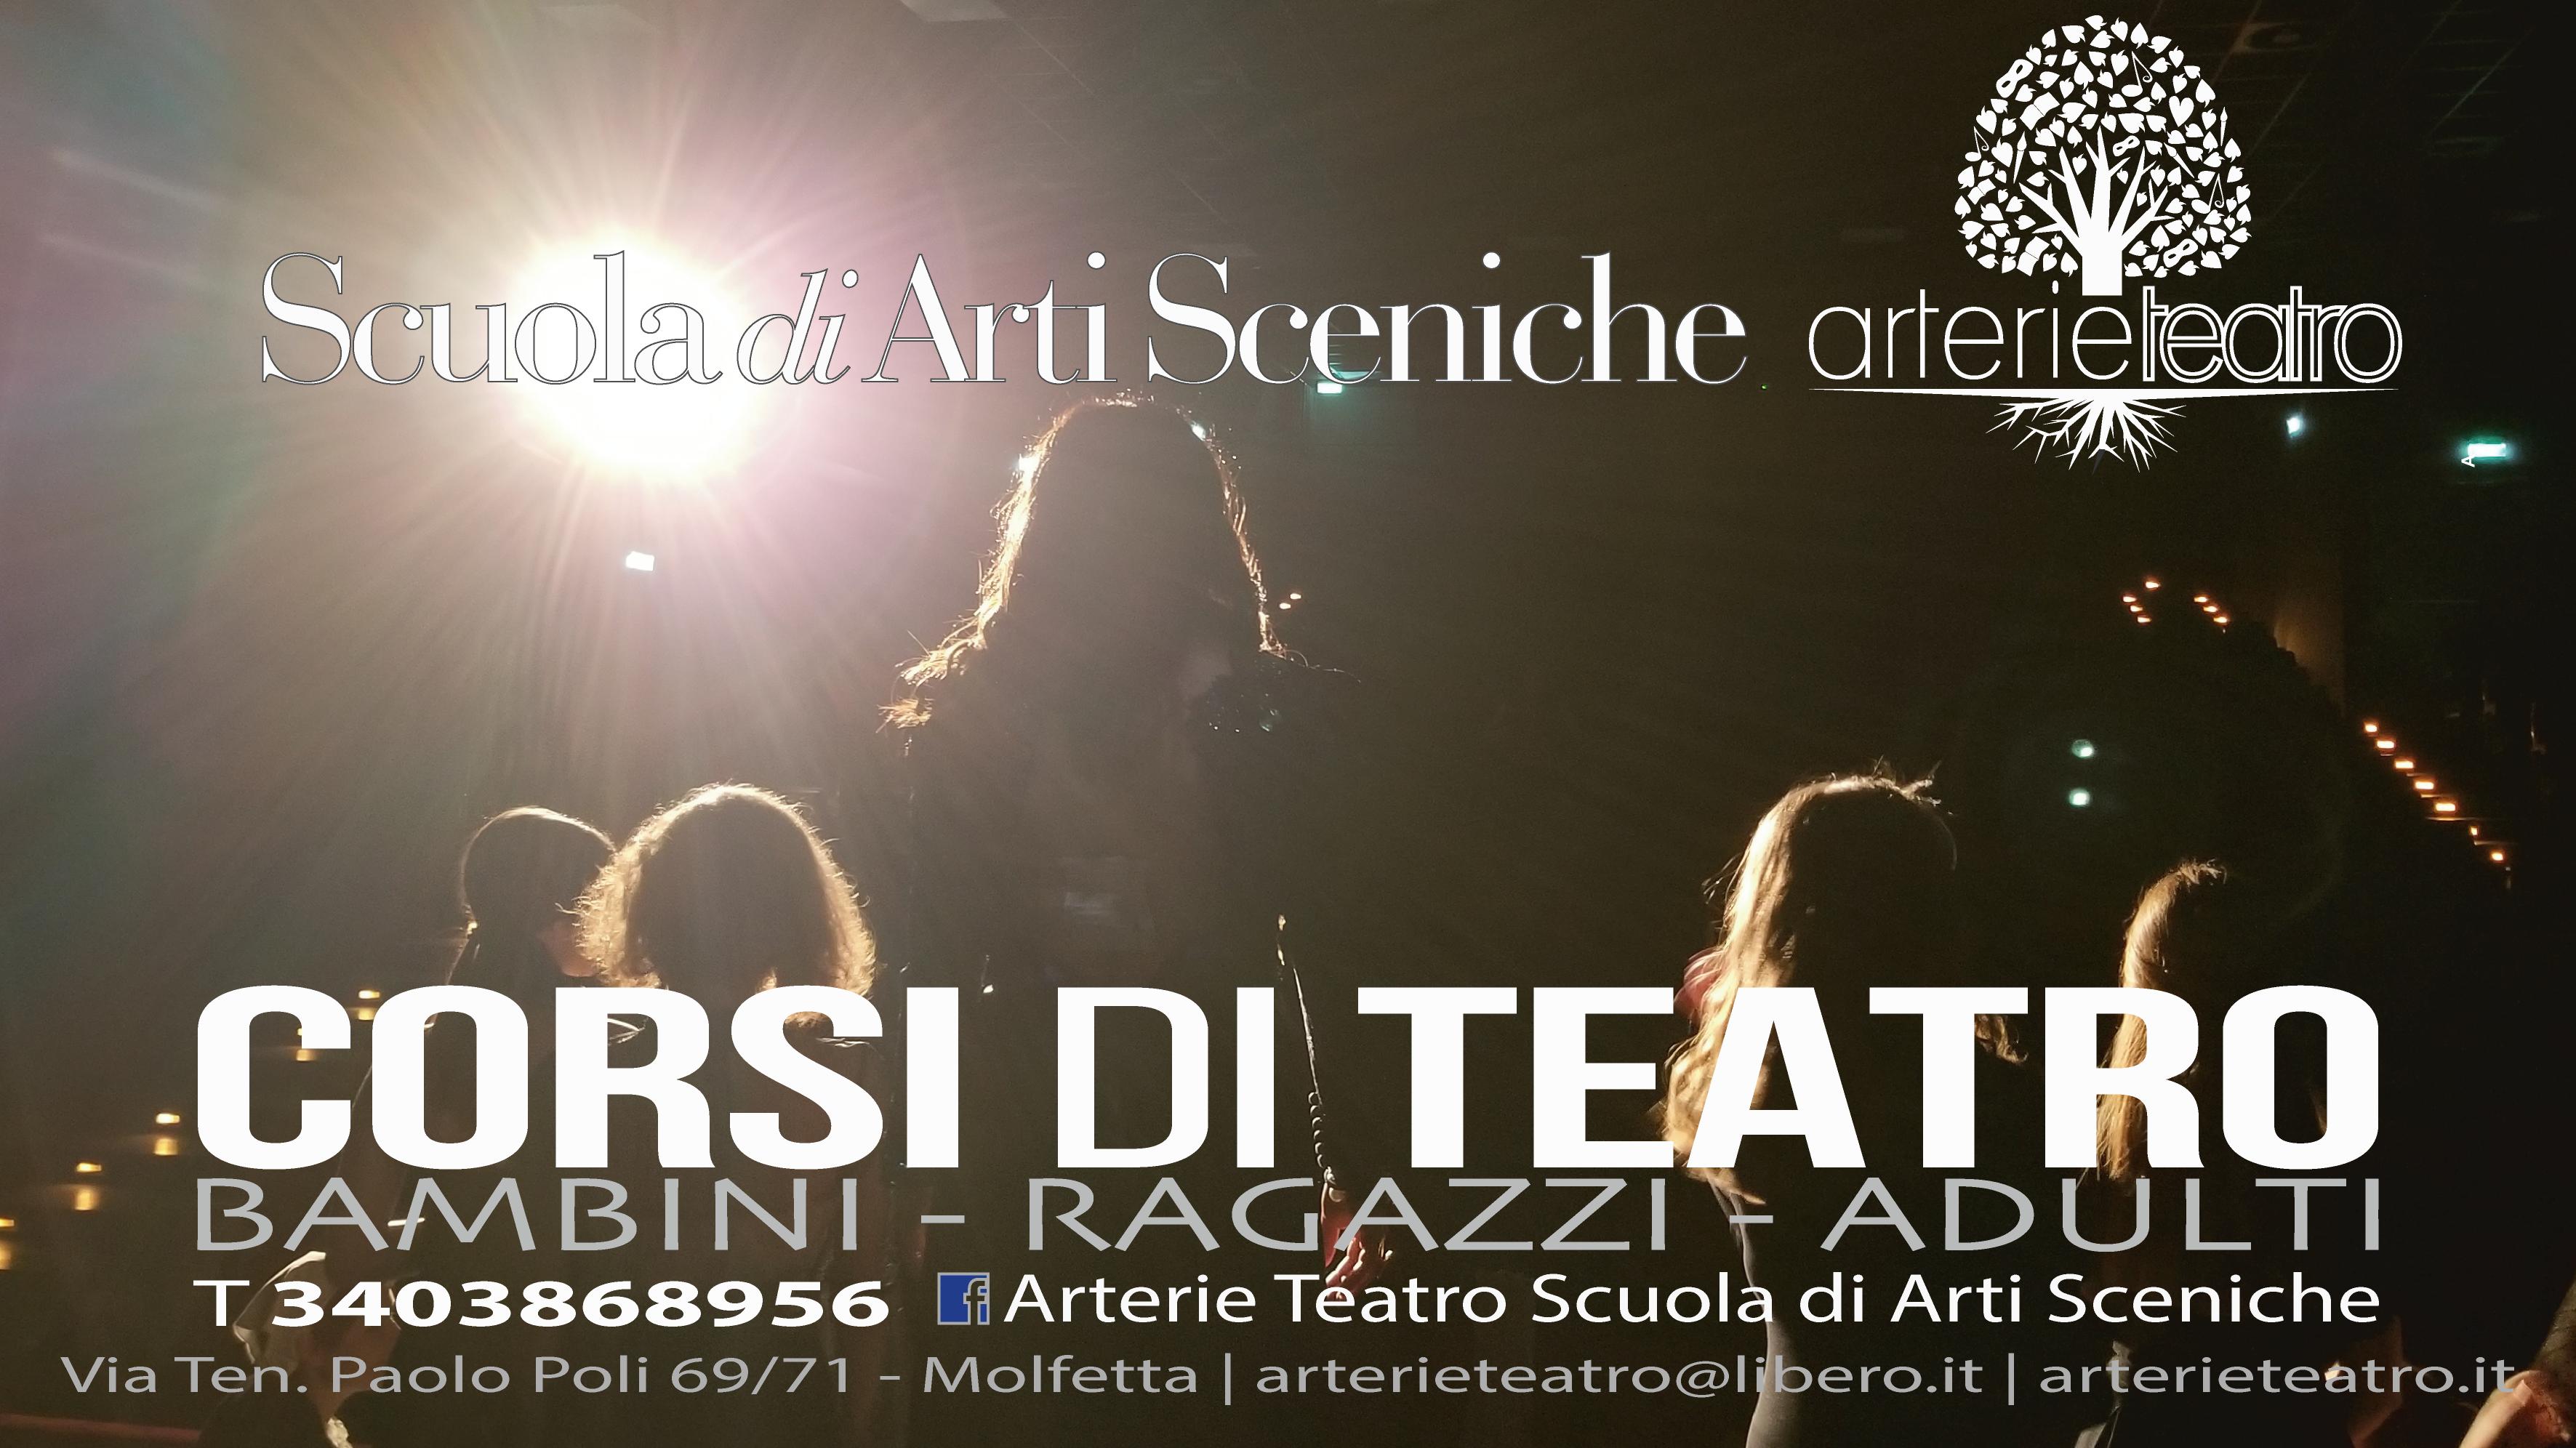 Corsi di teatro e laboratori Scuola di Arti Sceniche Arterie Teatro a Molfetta e Cerignola